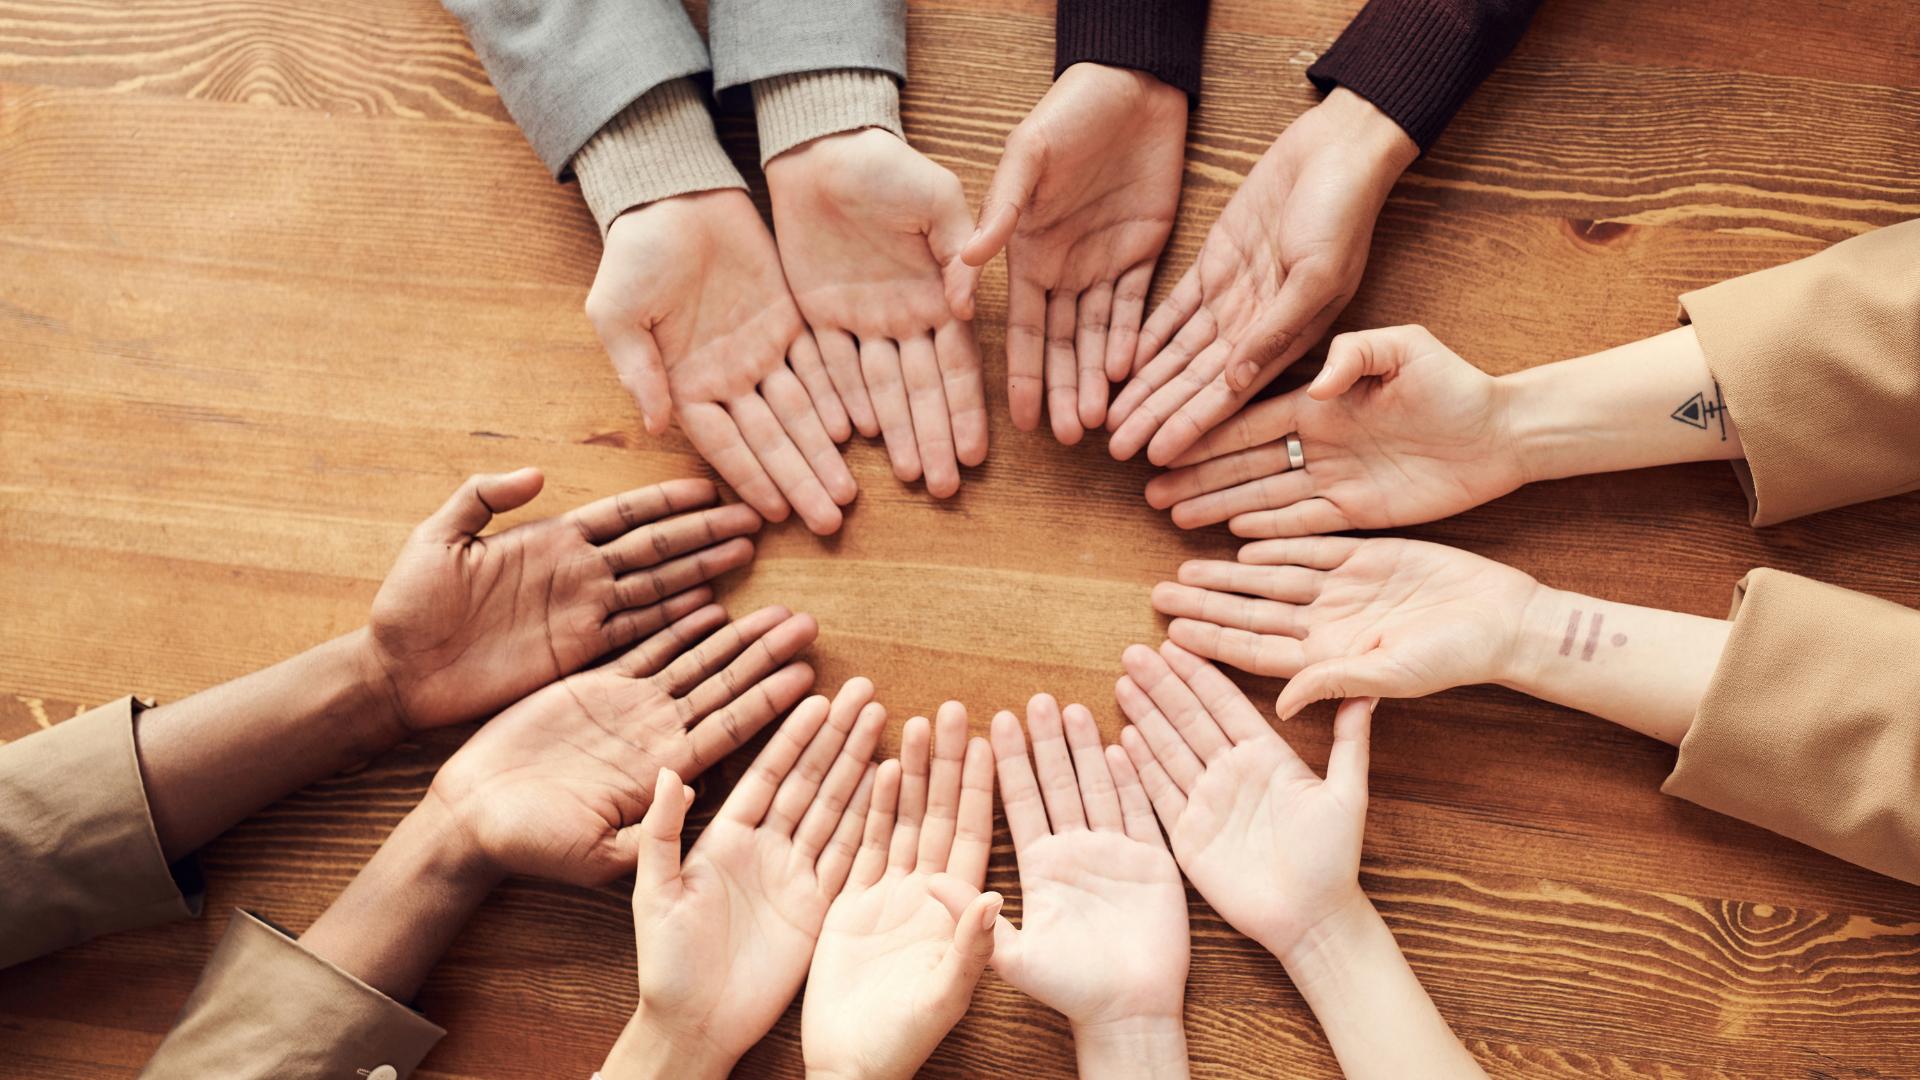 Diplomado de Derechos humanos genero e inclusión